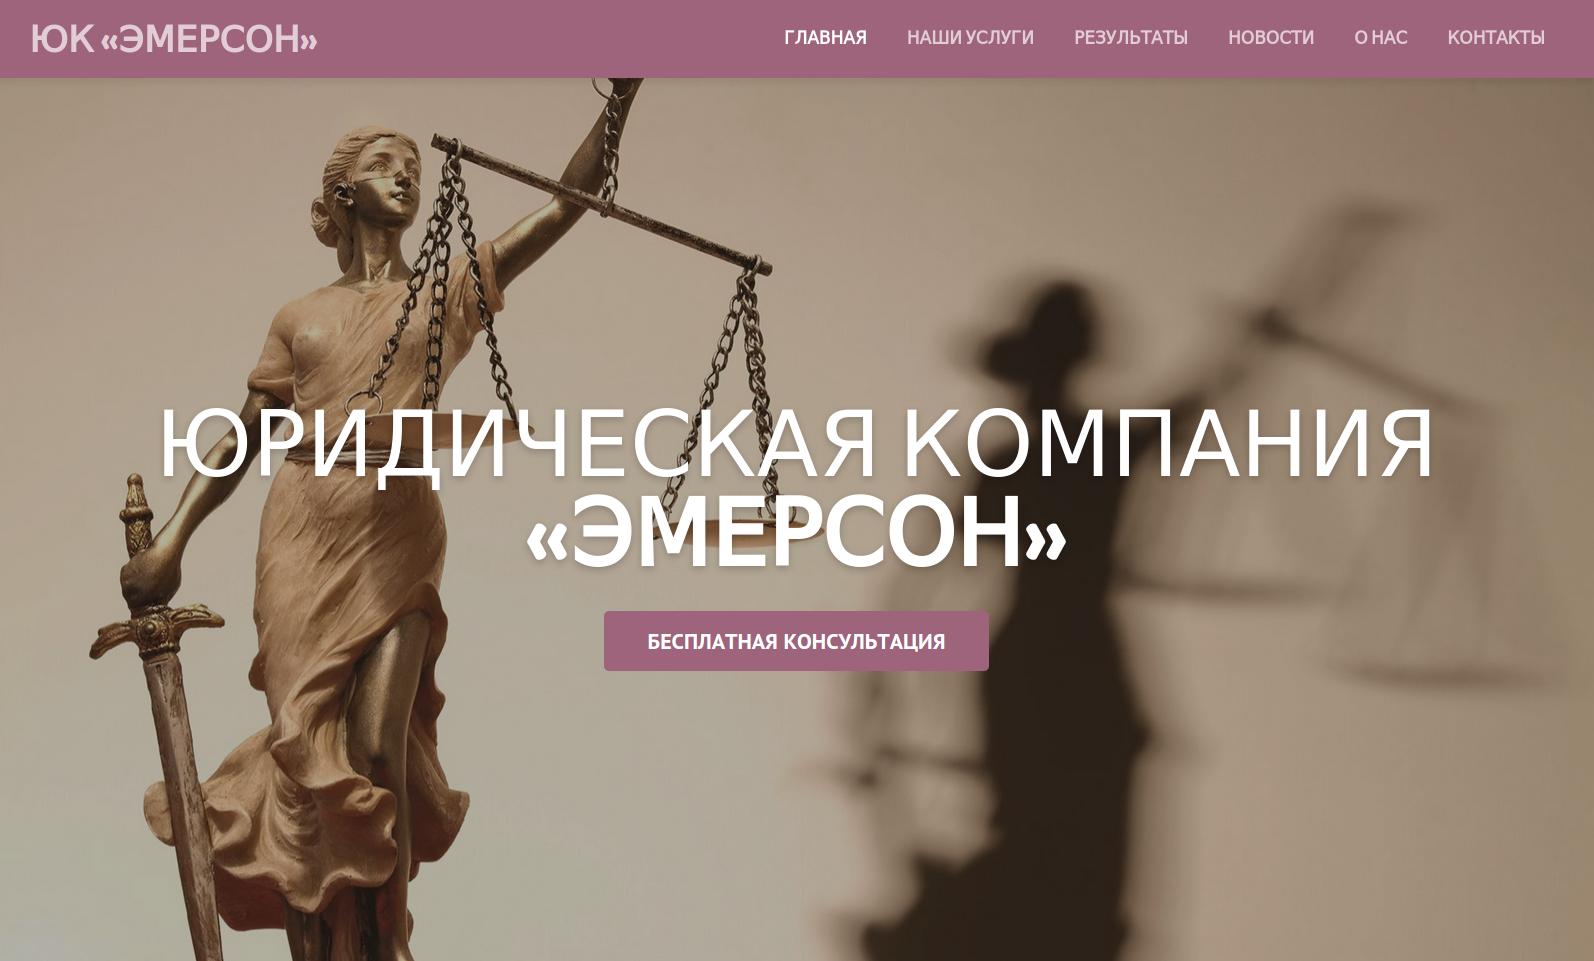 Лендинг юридических услуг